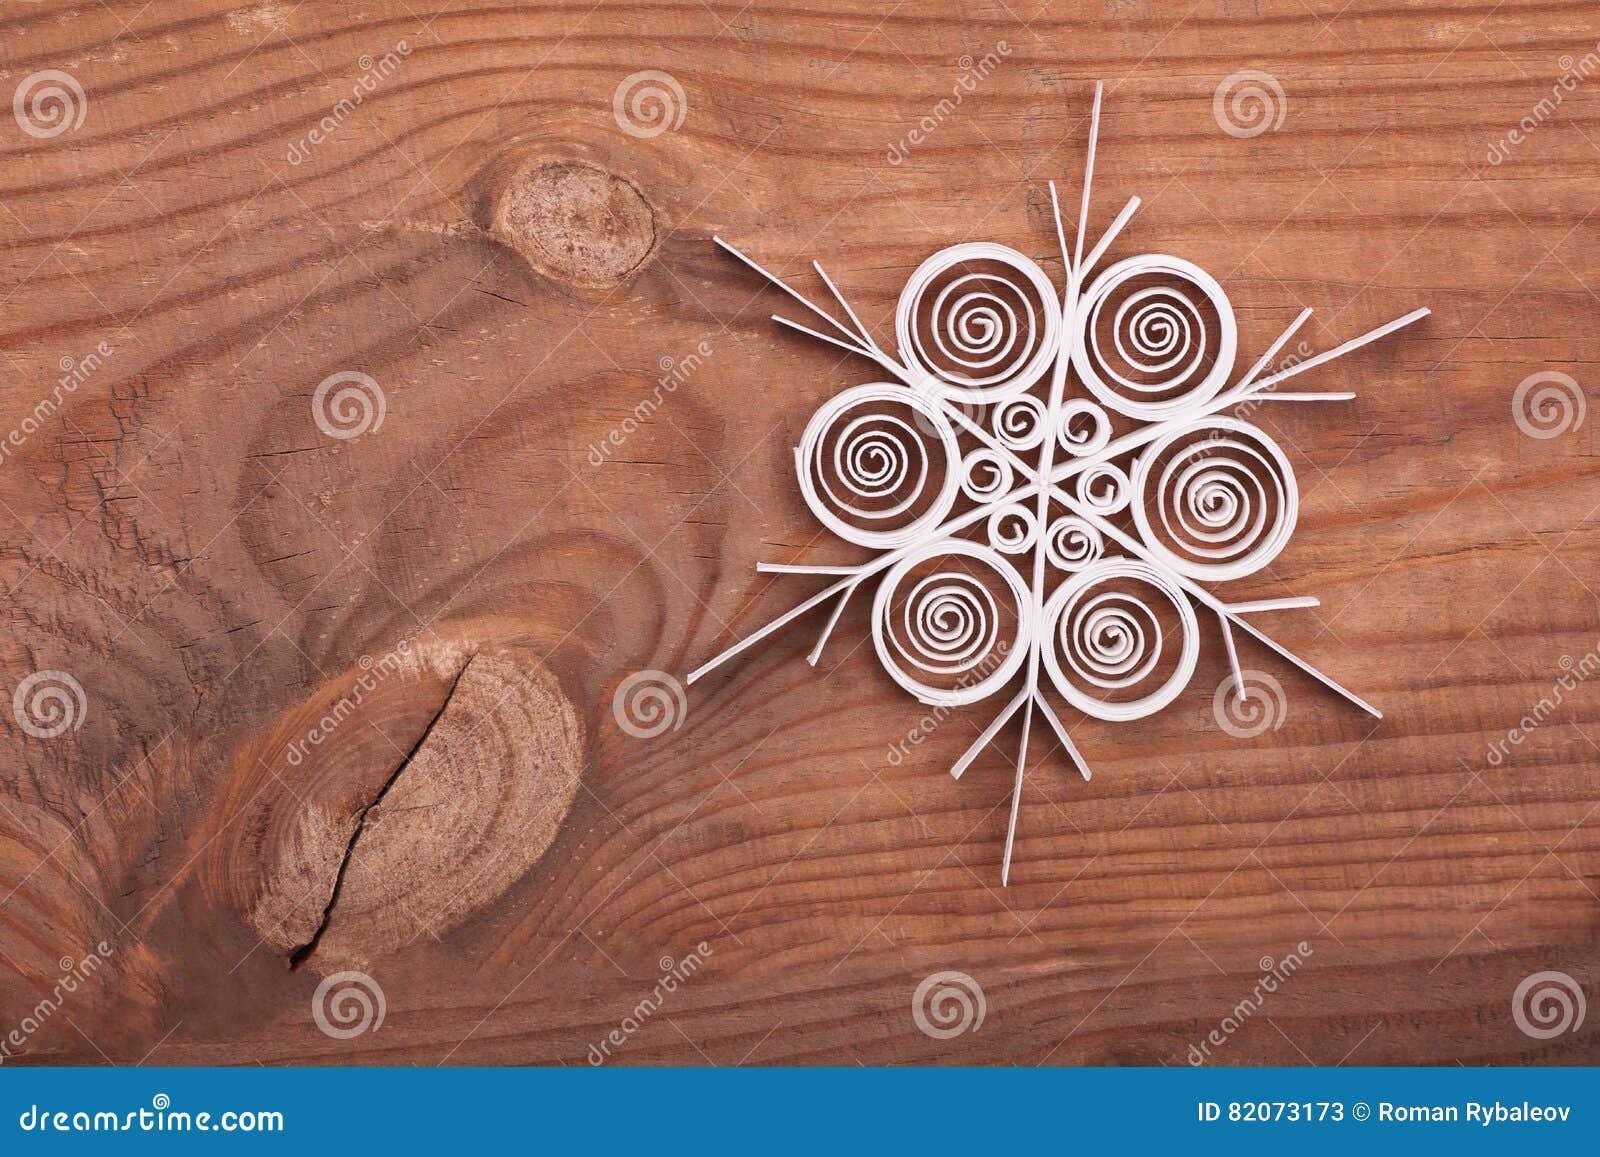 Fiocchi Di Neve Di Carta Modelli : Fiocco di neve di carta fatto con la tecnica quilling su una